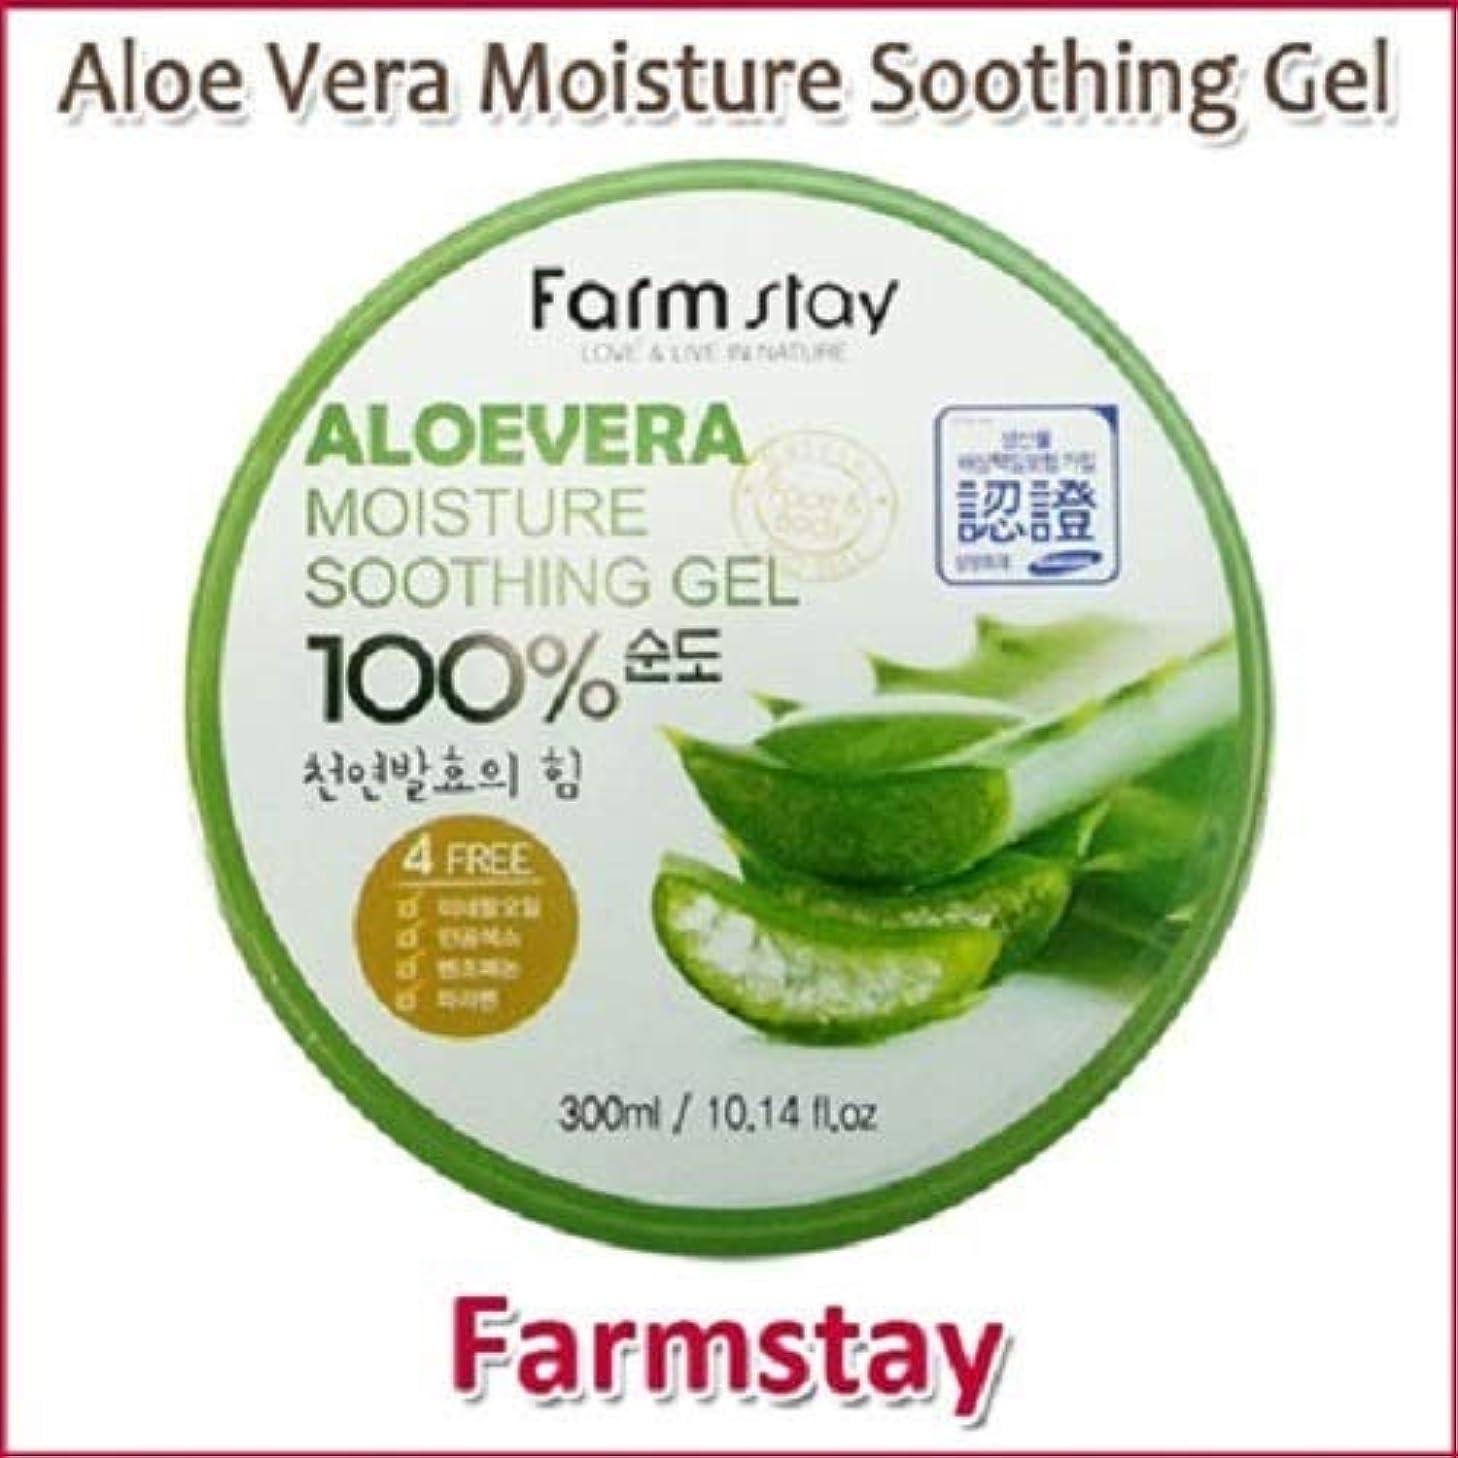 嘆願ピボット肩をすくめるFarm Stay Aloe Vera Moisture Soothing Gel 300ml /オーガニック アロエベラゲル 100%/保湿ケア/韓国コスメ/Aloe Vera 100% /Moisturizing [...